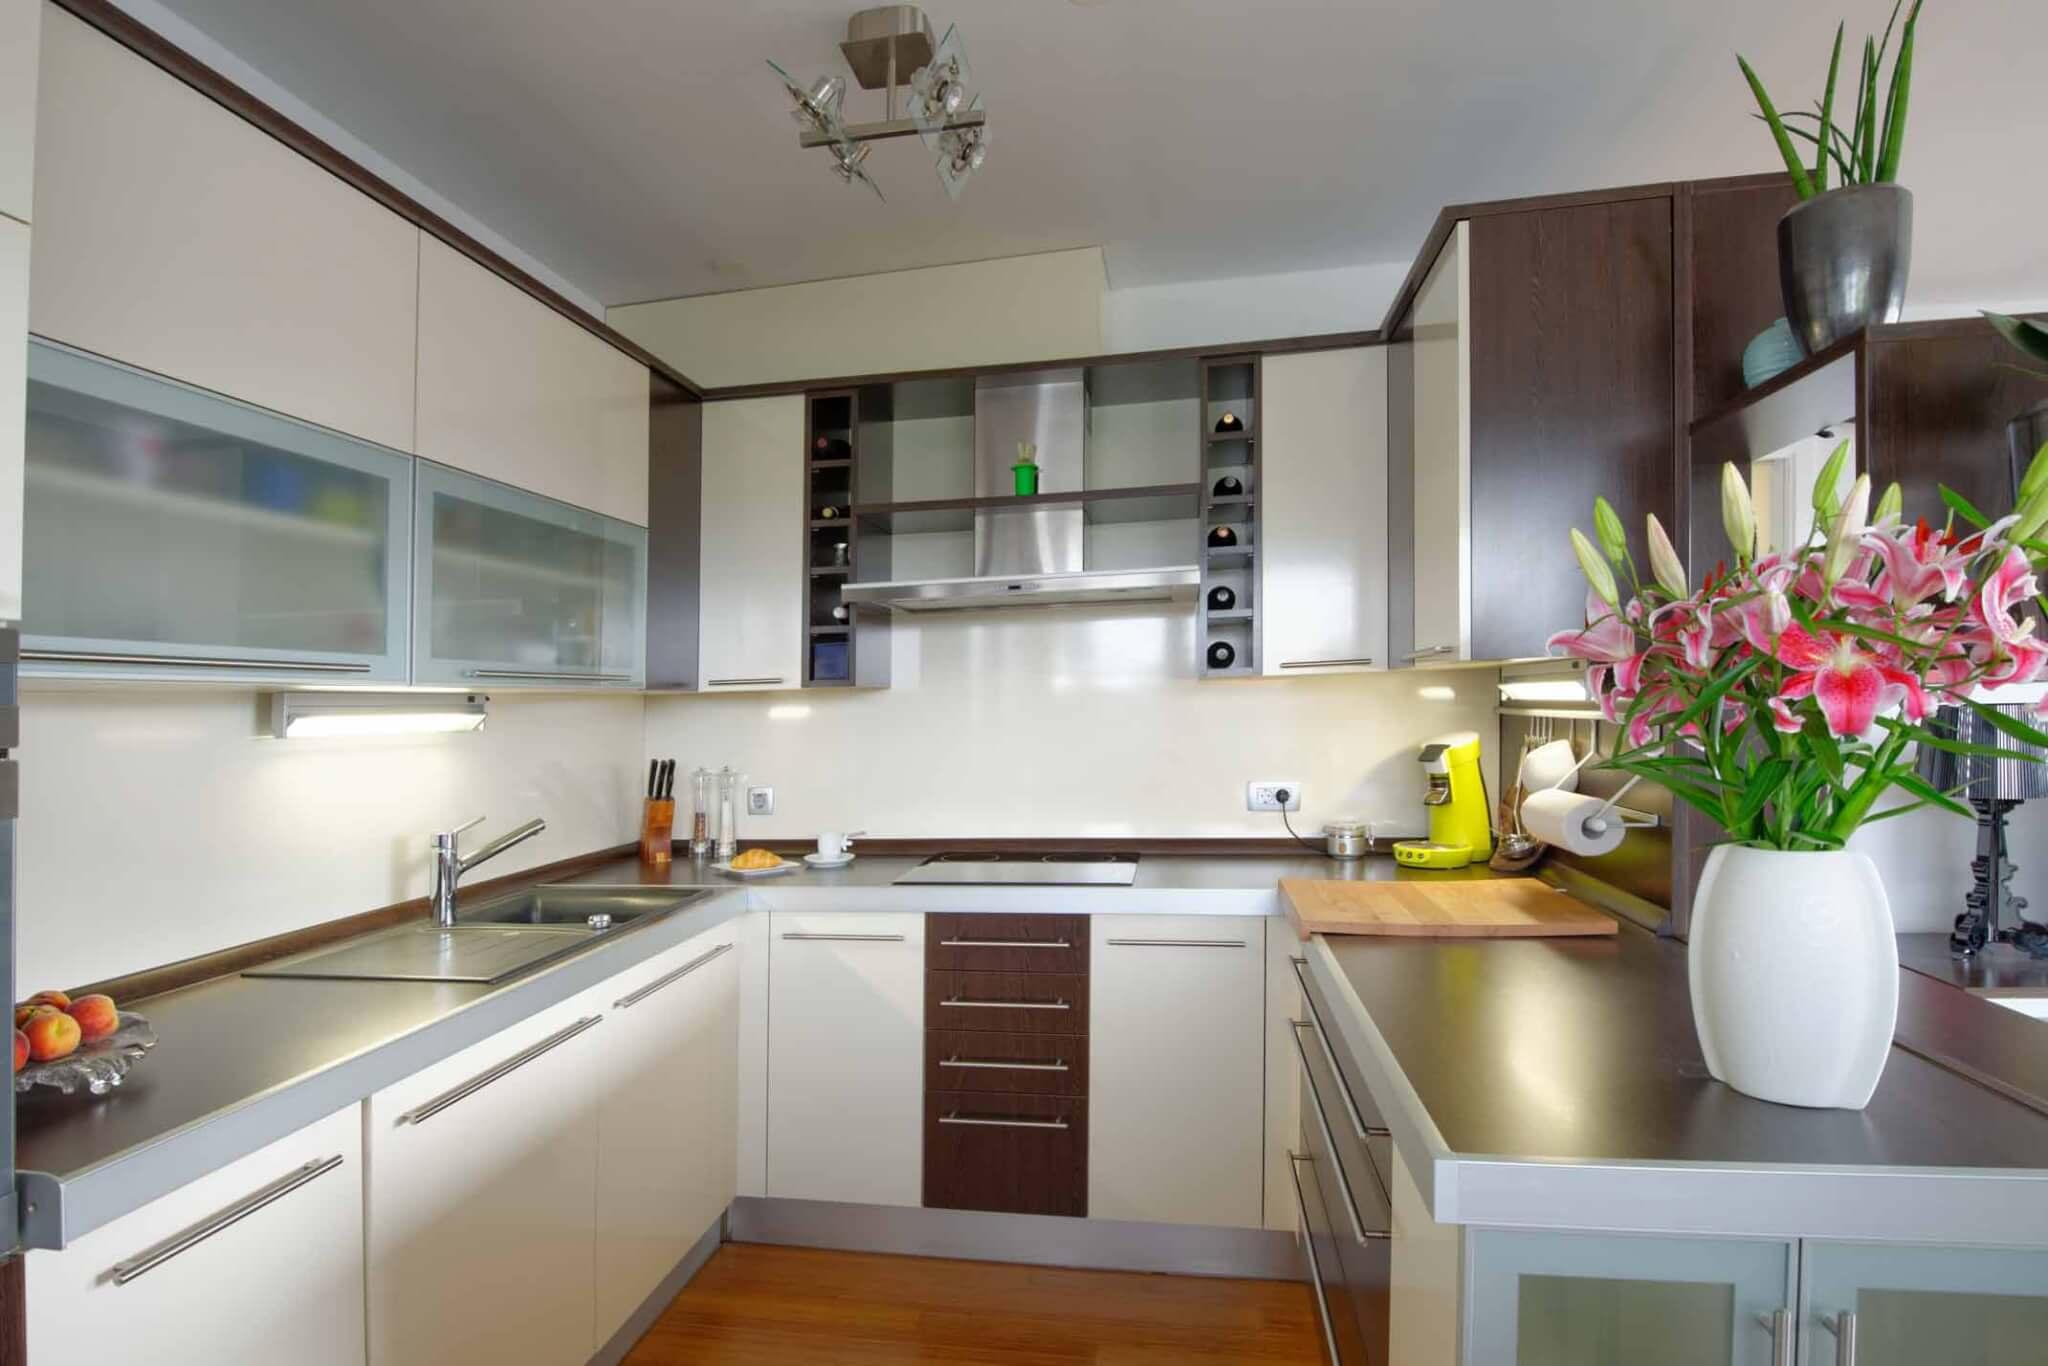 sptd profils alu pour plan de travail. Black Bedroom Furniture Sets. Home Design Ideas